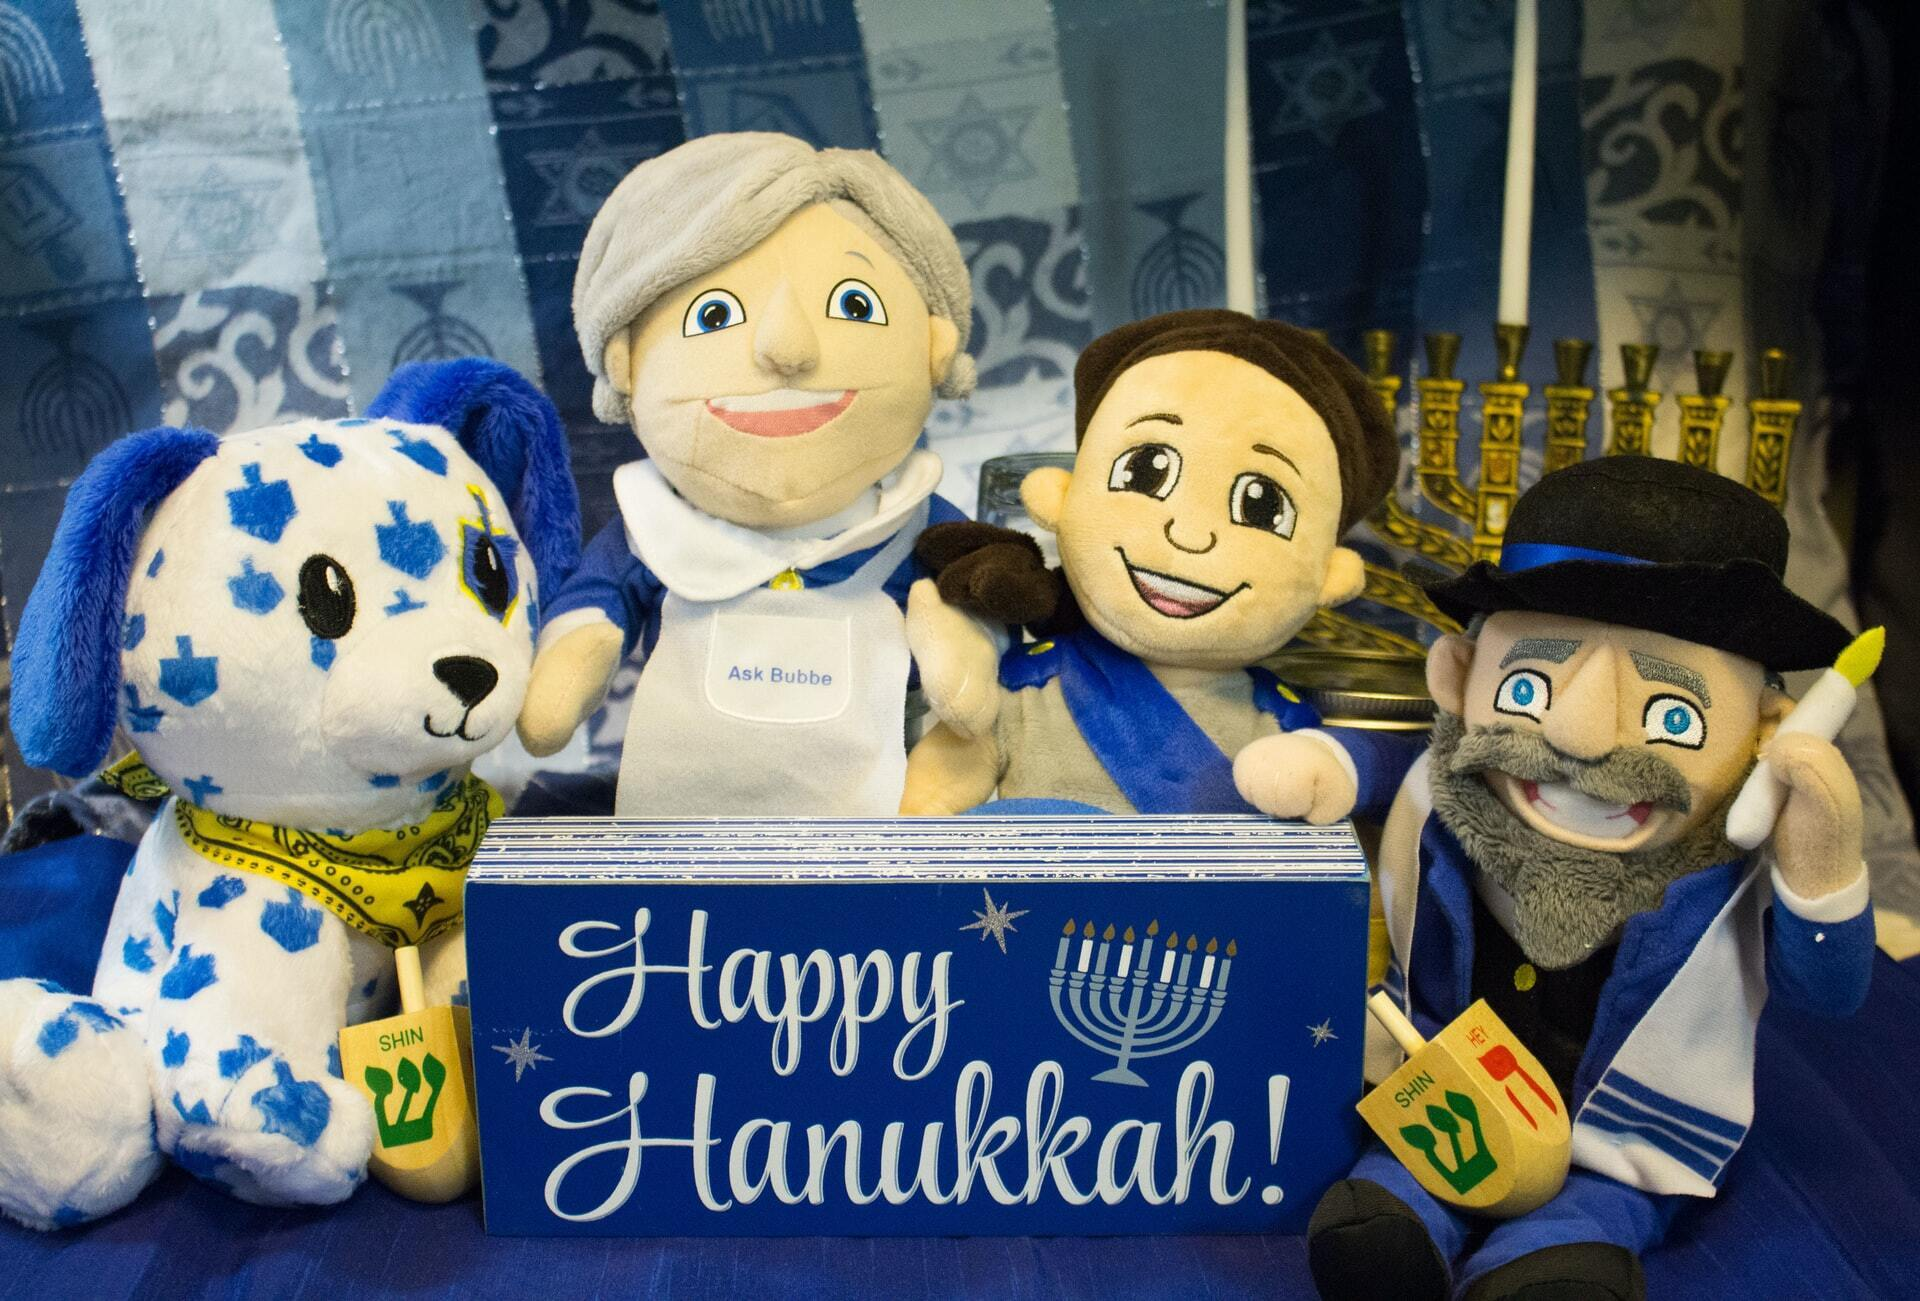 Дни Хануки у евреев проходят за весельем и праздничными трапезами